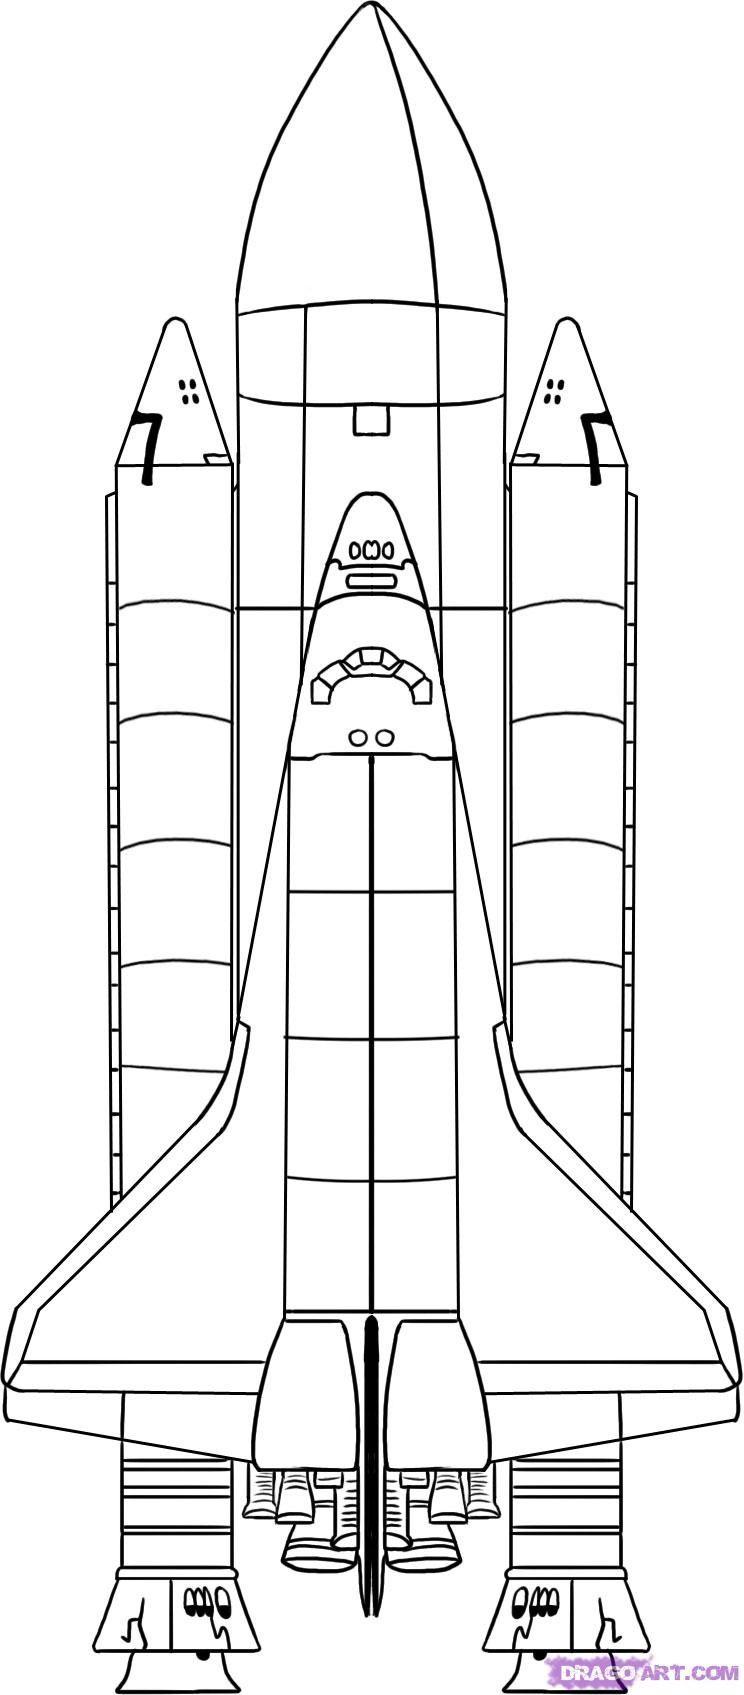 cff8c8db209bbe888c073a0b7436feb4.jpg (744×1695) | Transbordador ...